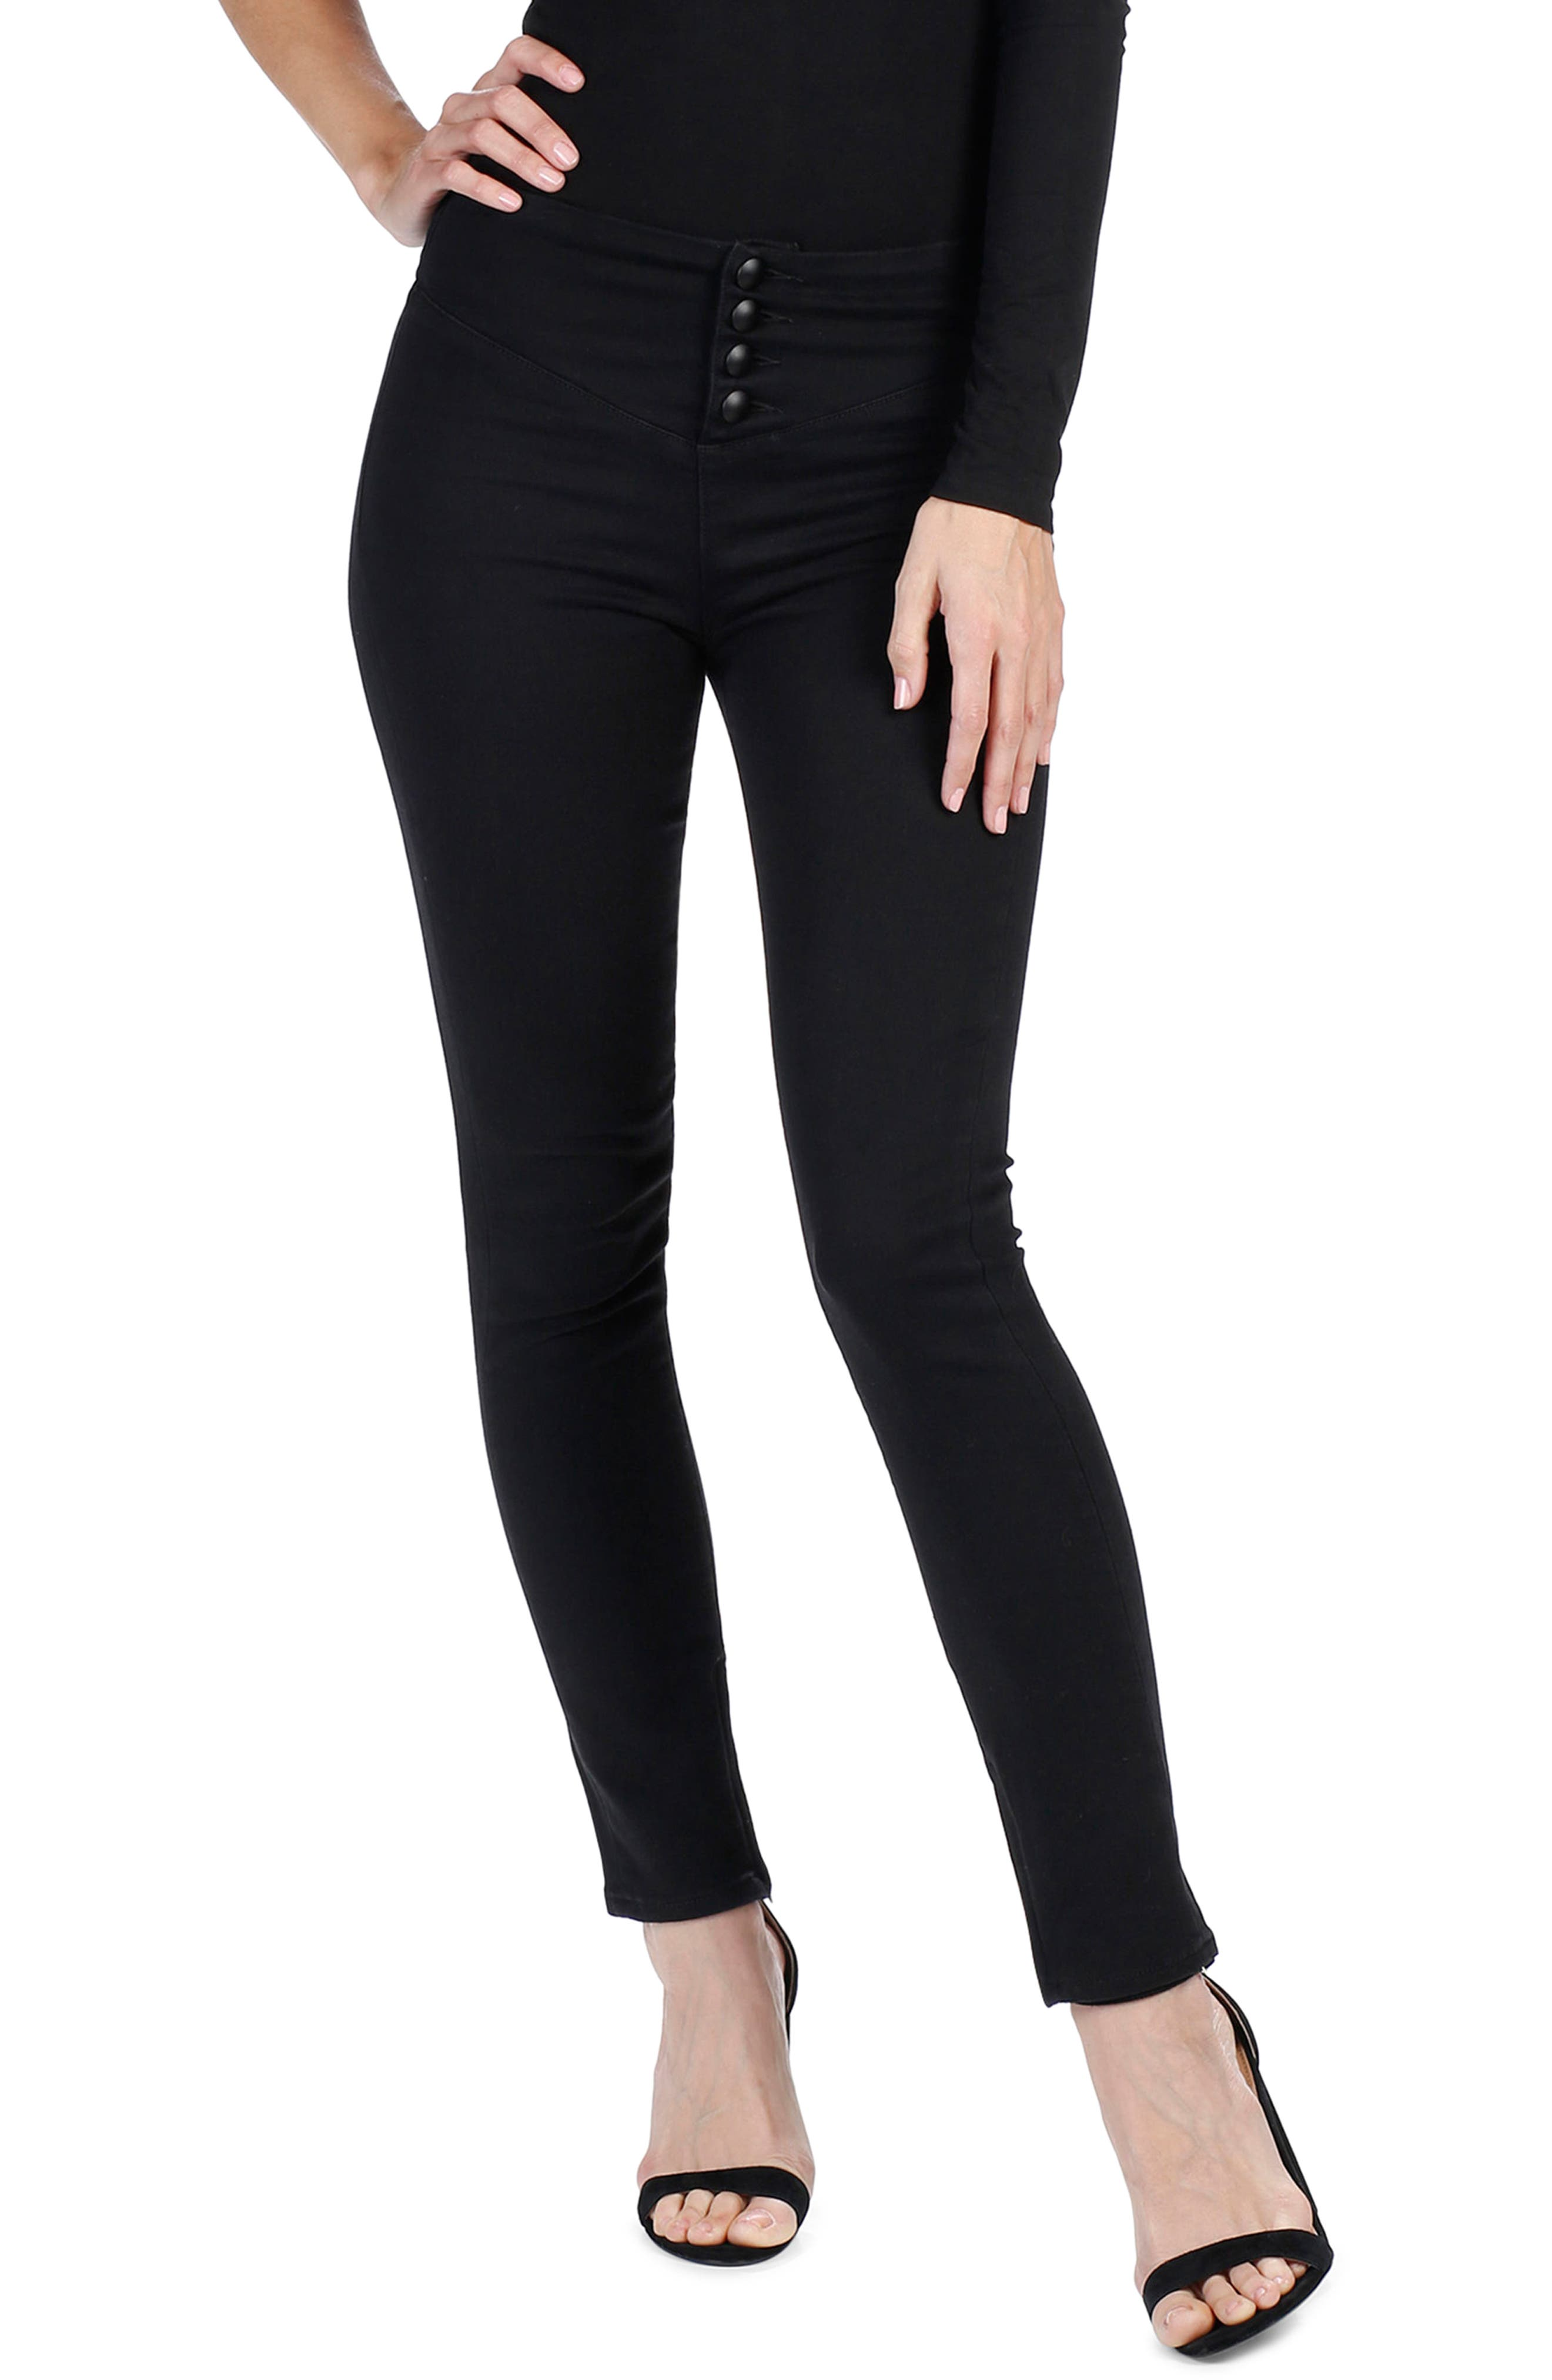 Rosie HW x PAIGE Ellery Skinny Jeans,                             Alternate thumbnail 4, color,                             Onyx